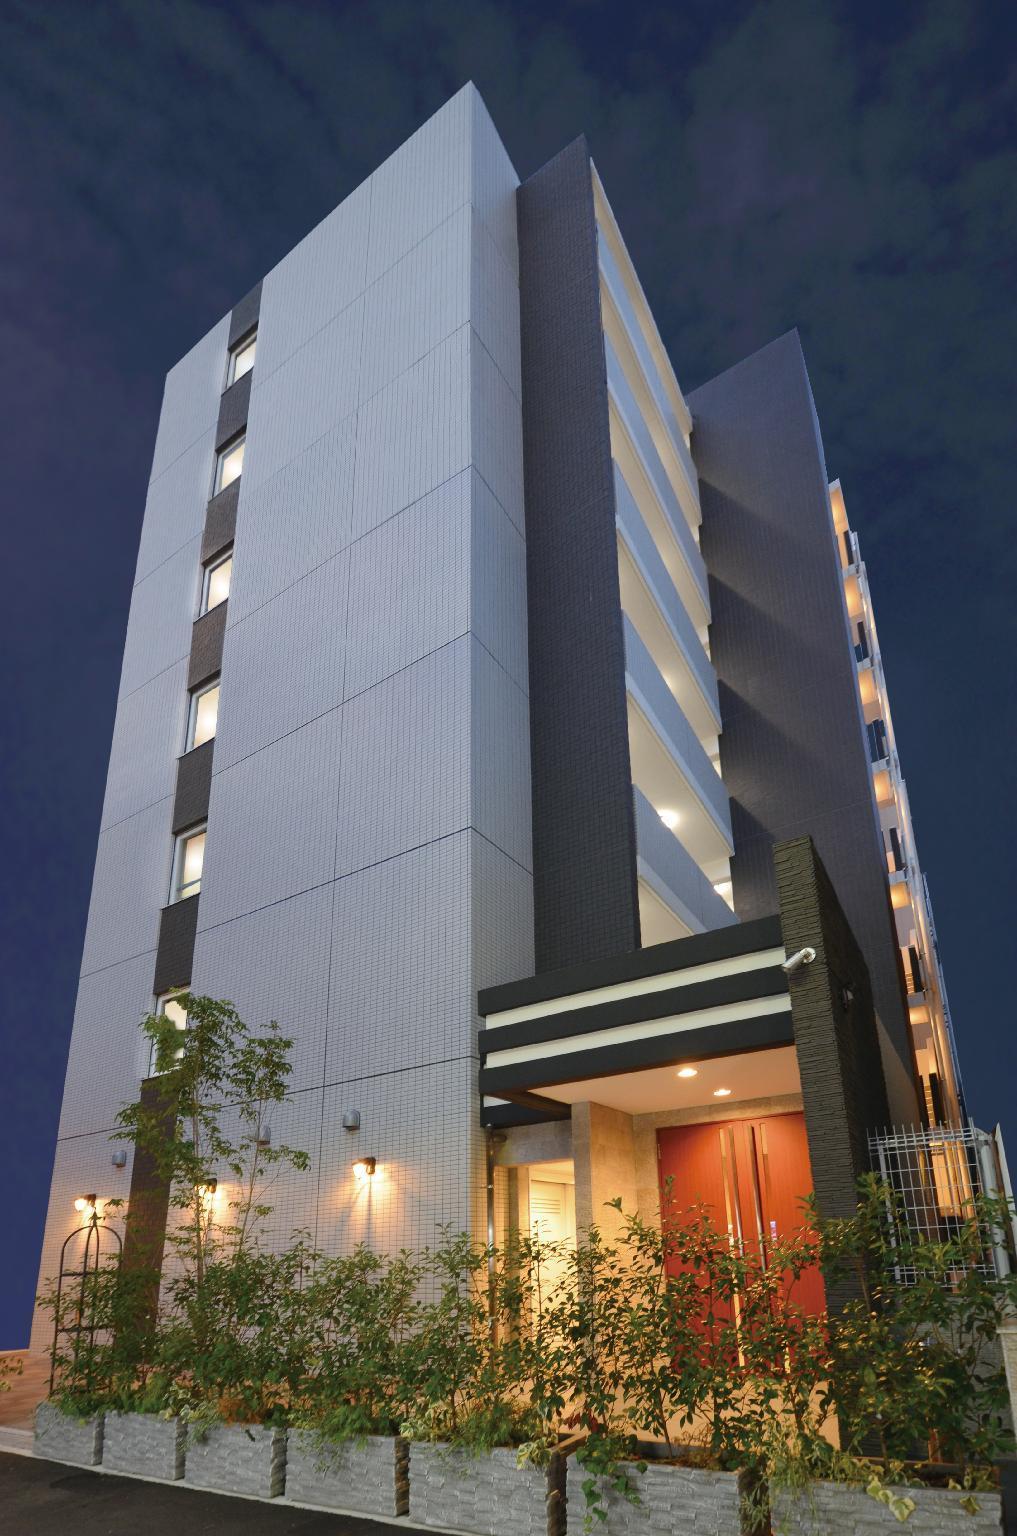 โรงแรมมาริส เคียวบะชิ